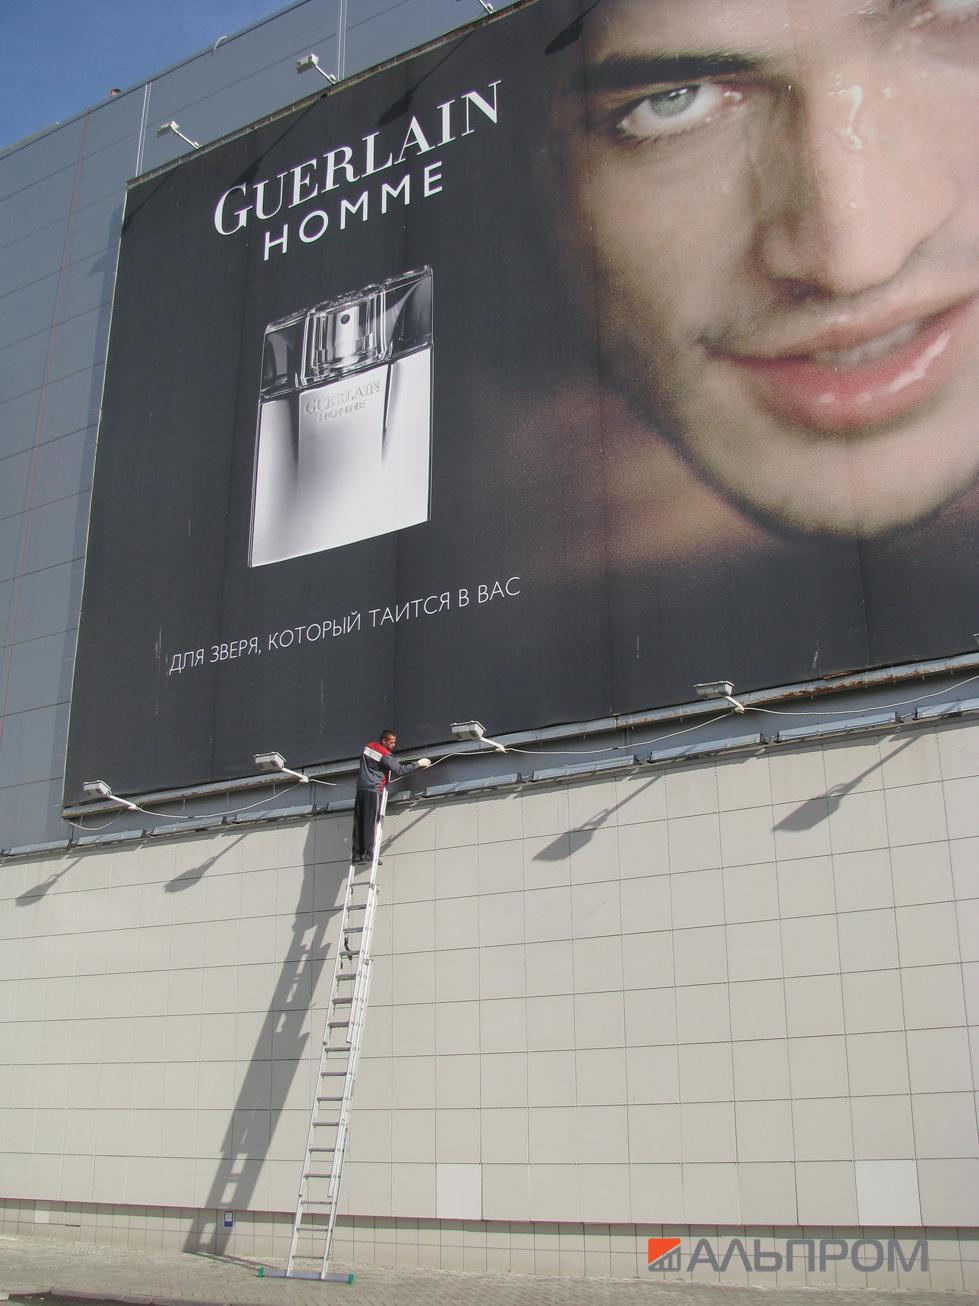 Монтаж наружной рекламы в Тольятти и Самаре